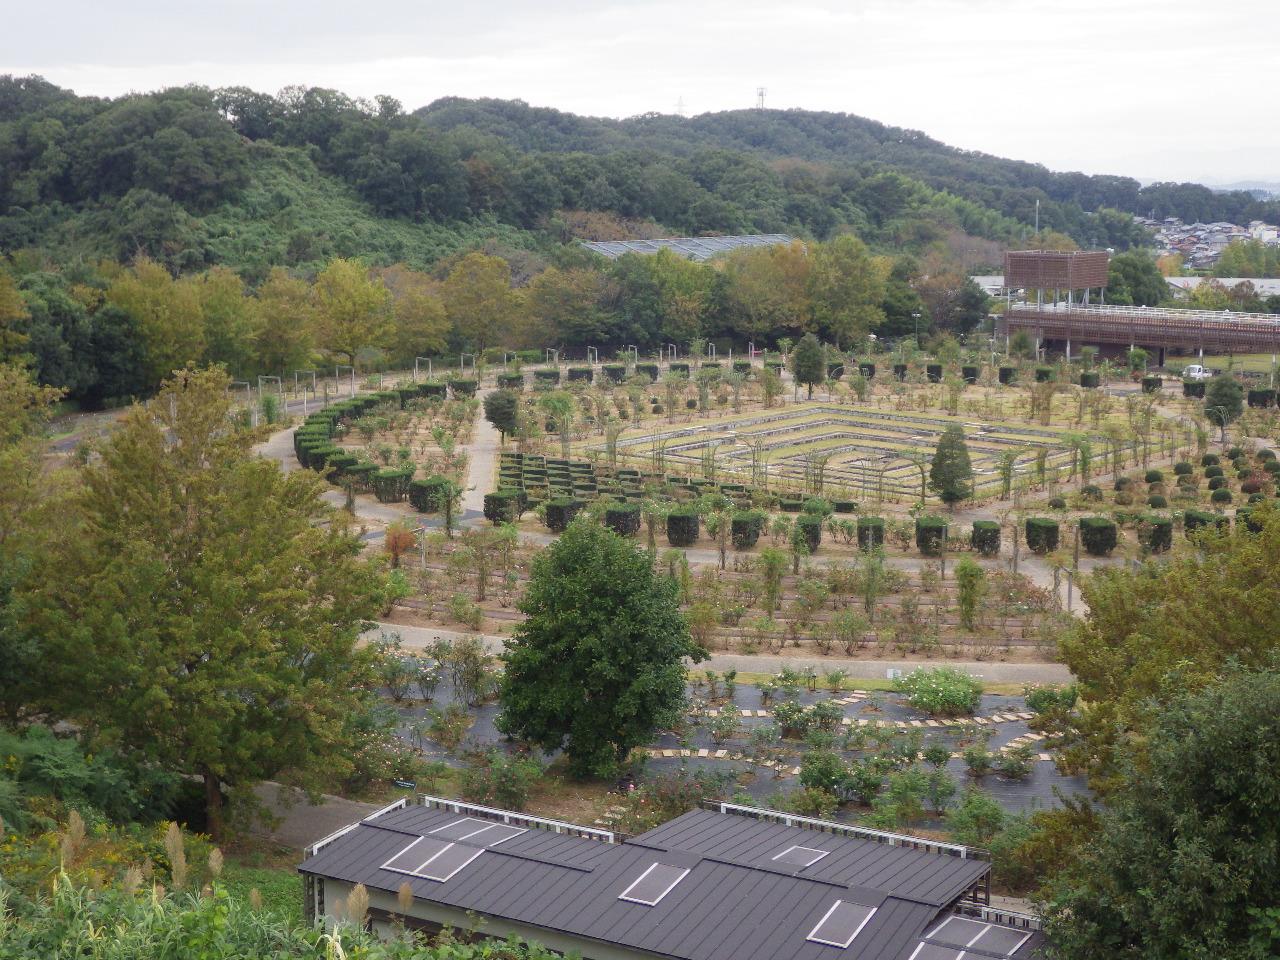 岐阜県 花フェスタ記念公園 バラ園土壌改良工事 着手前